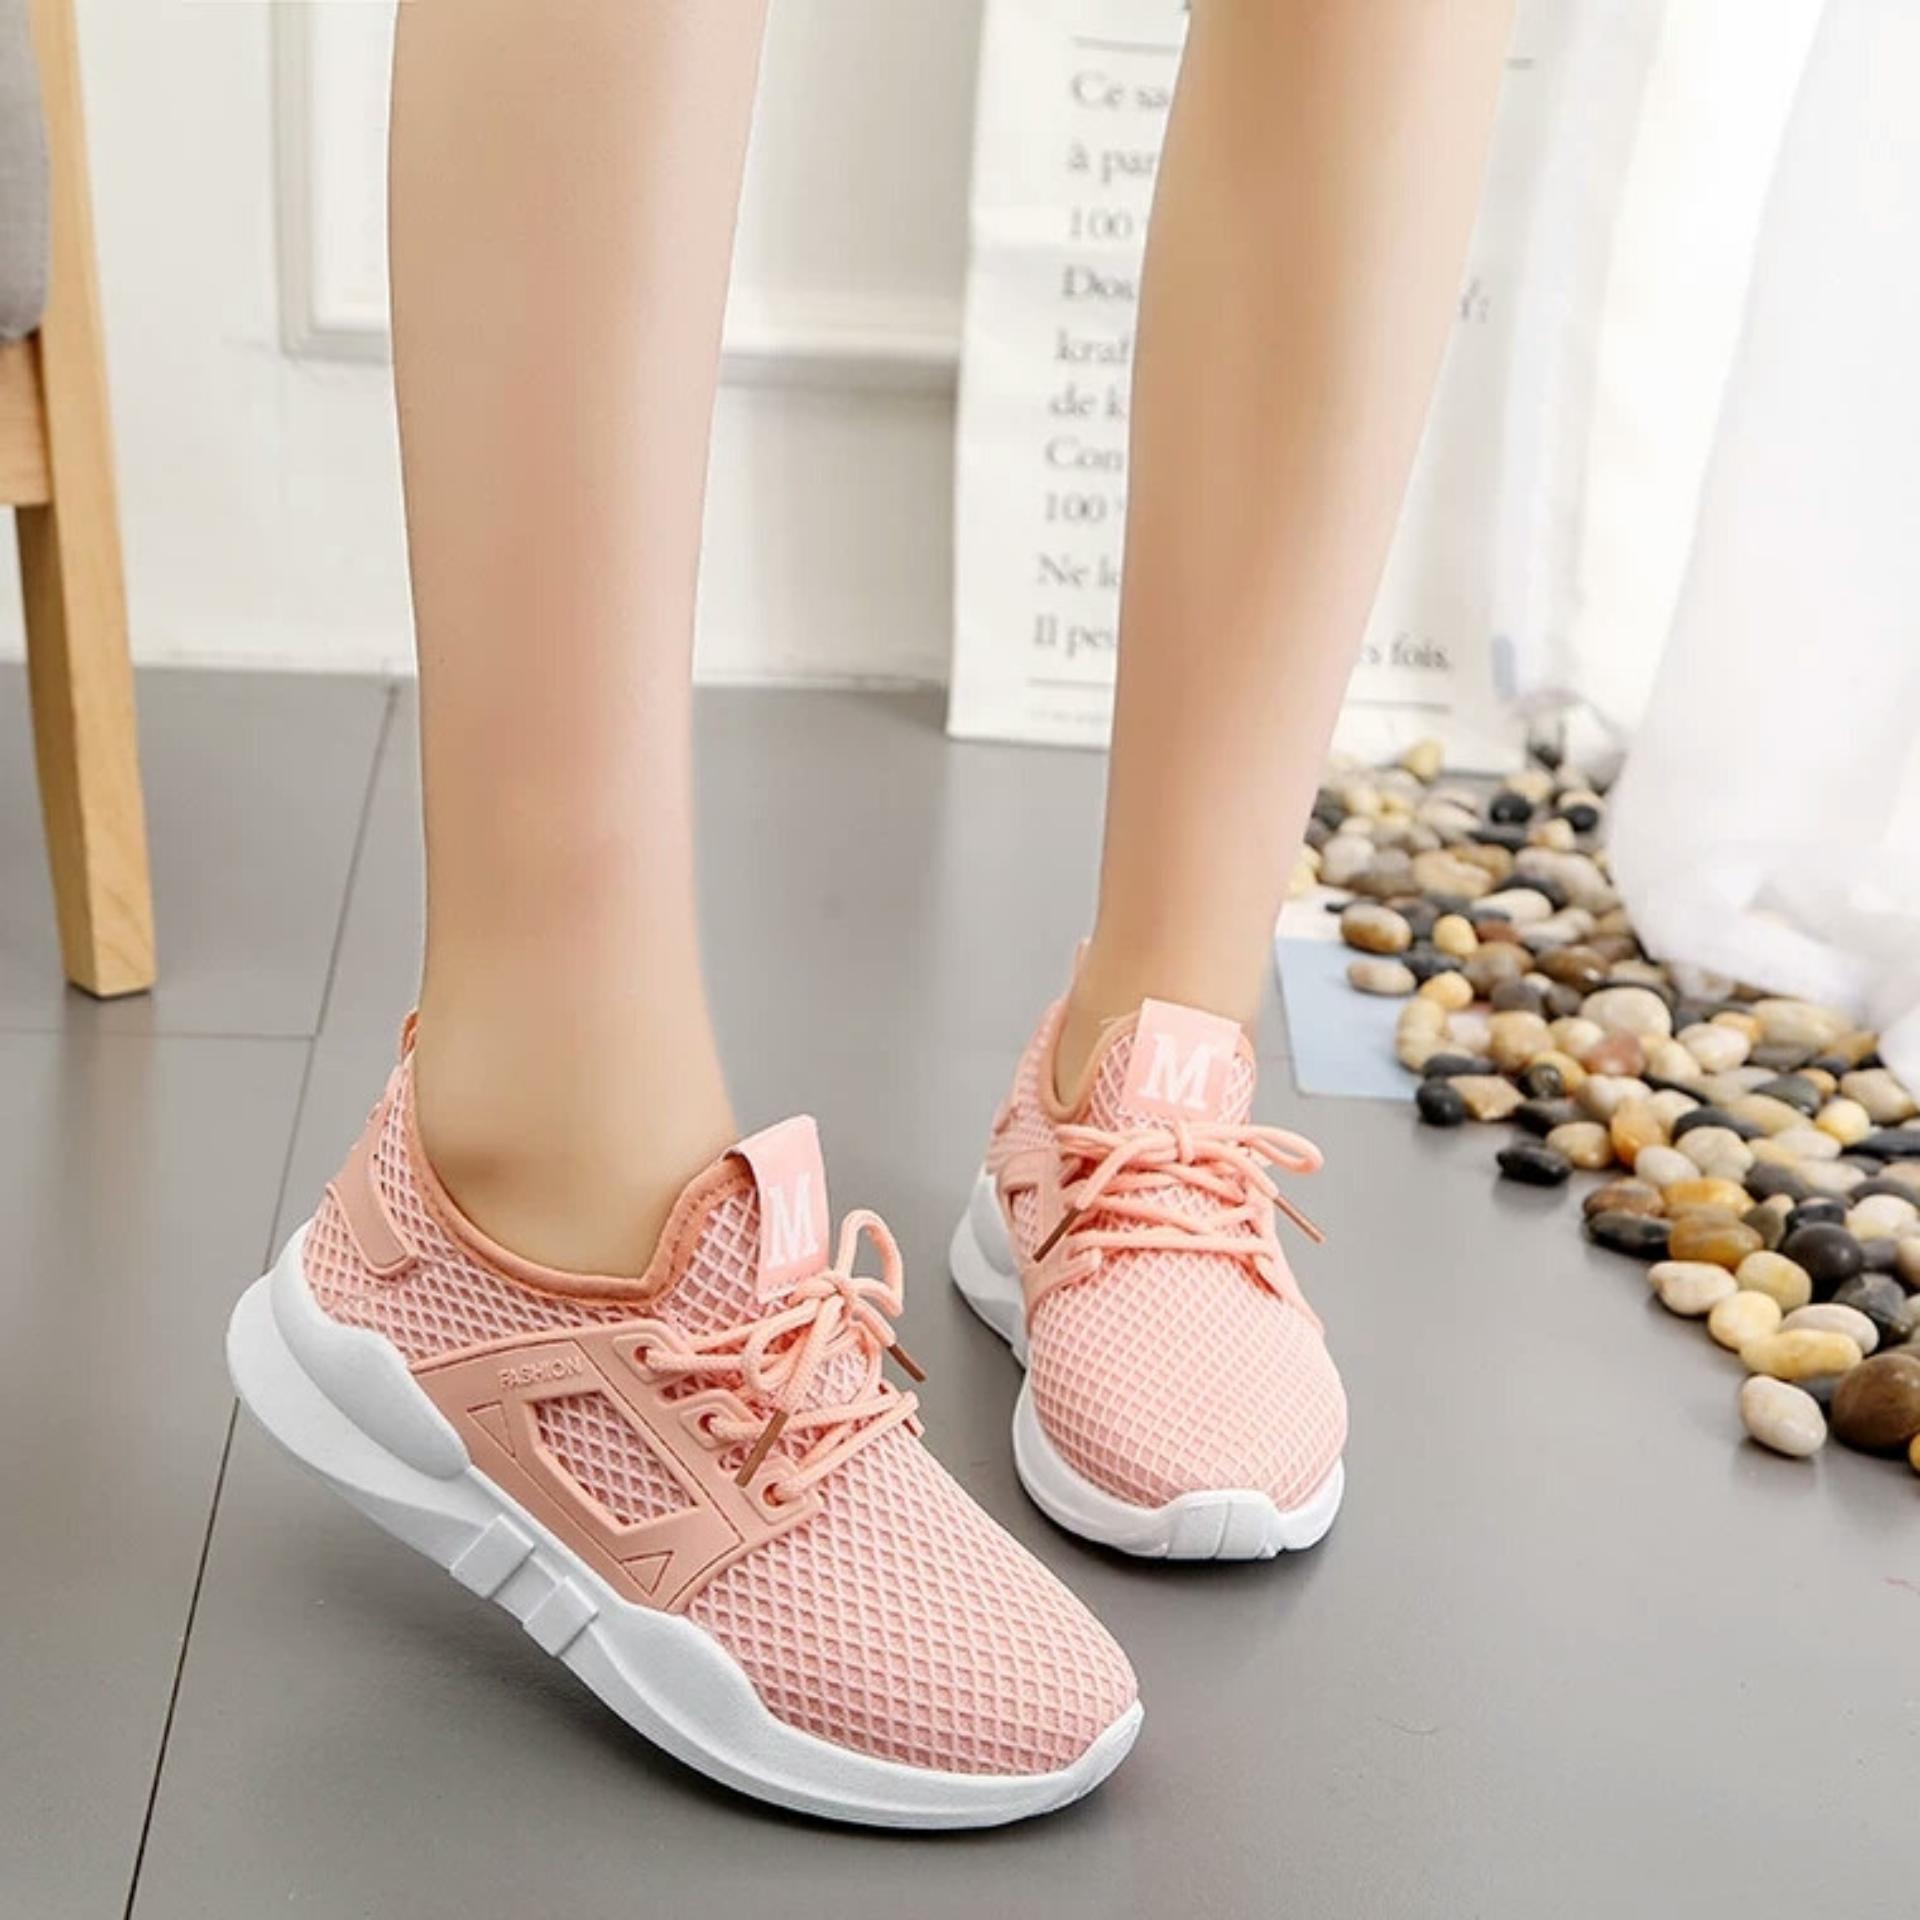 ... Giày thời trang nữ Fashion M lưới - GiayKS - MLuoi001 (hồng cam) ...